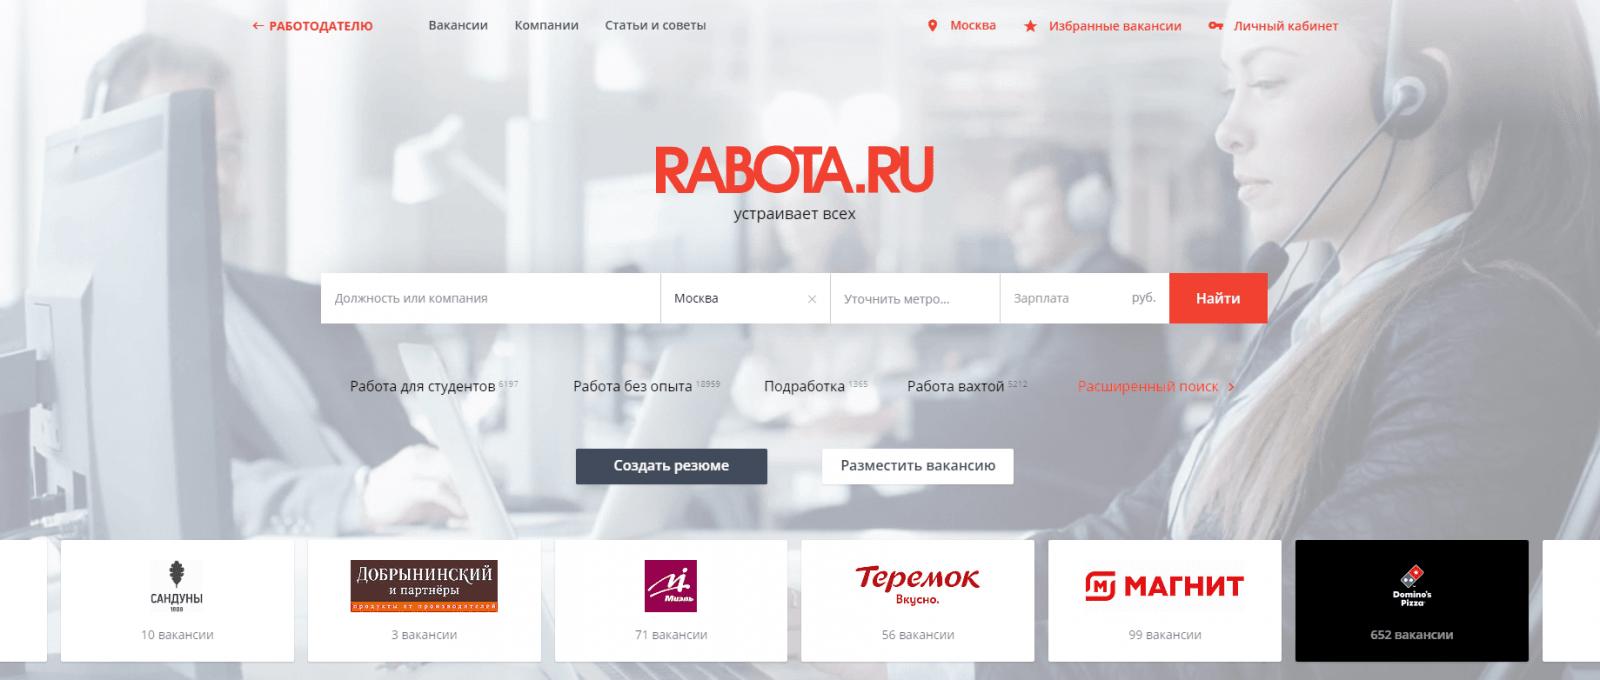 Сбербанк купил портал Rabota.ru (5)